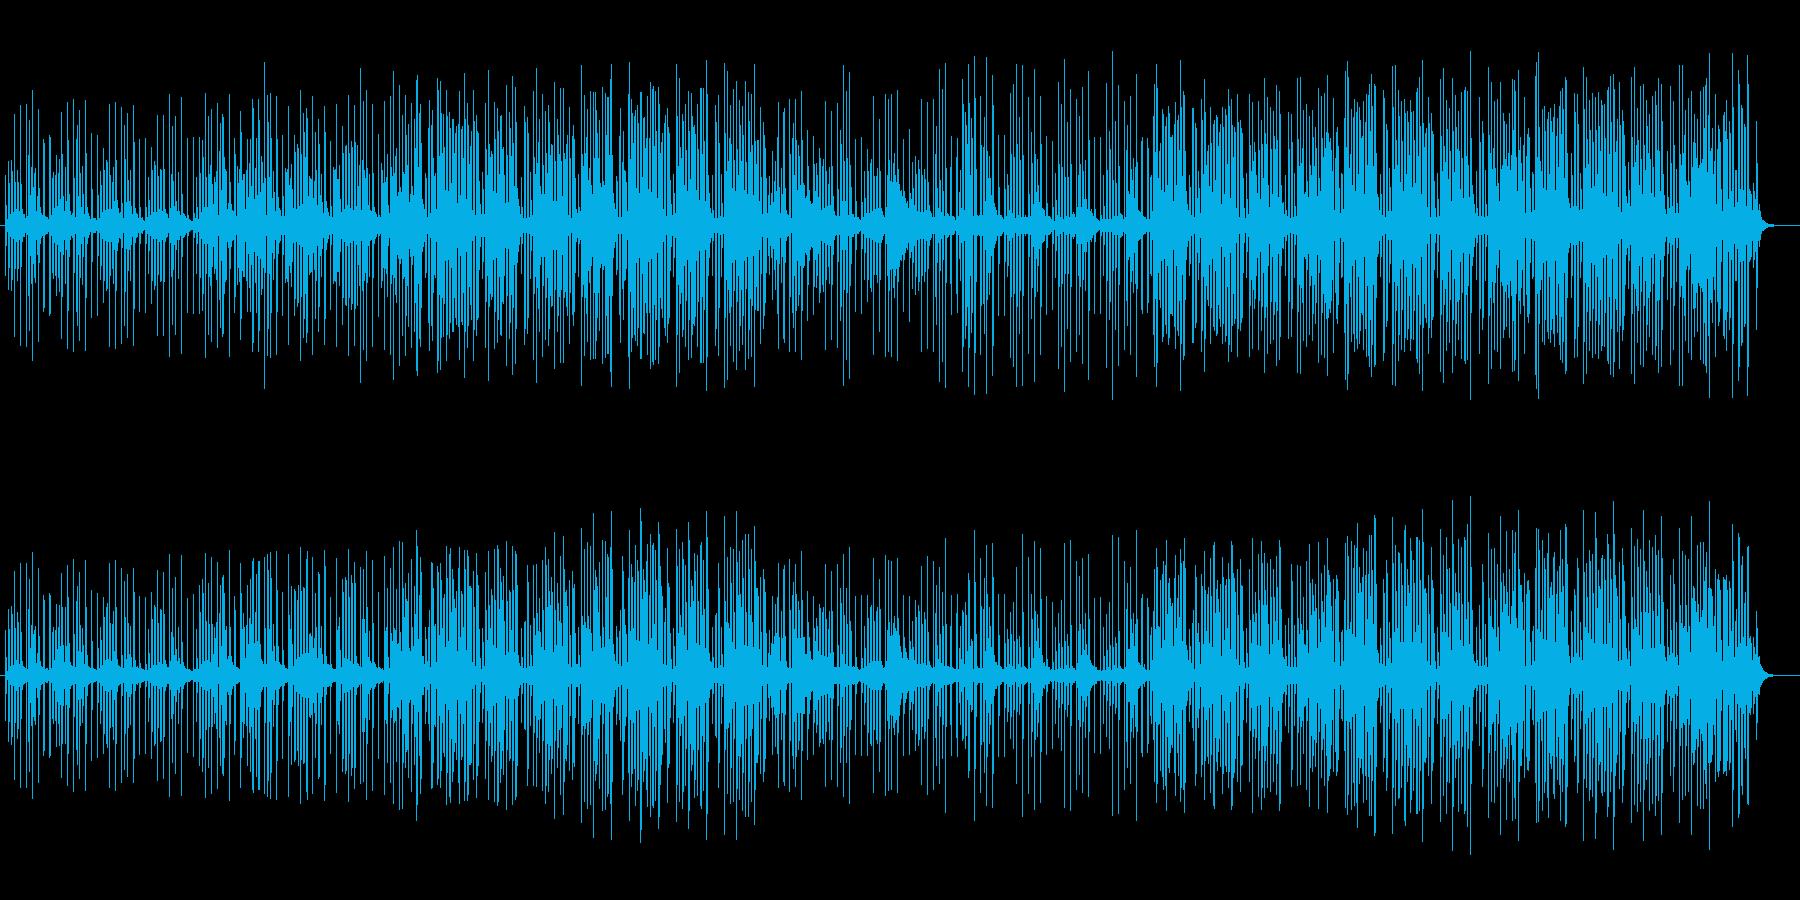 ゆったりファンタジー打楽器シンセサウンドの再生済みの波形